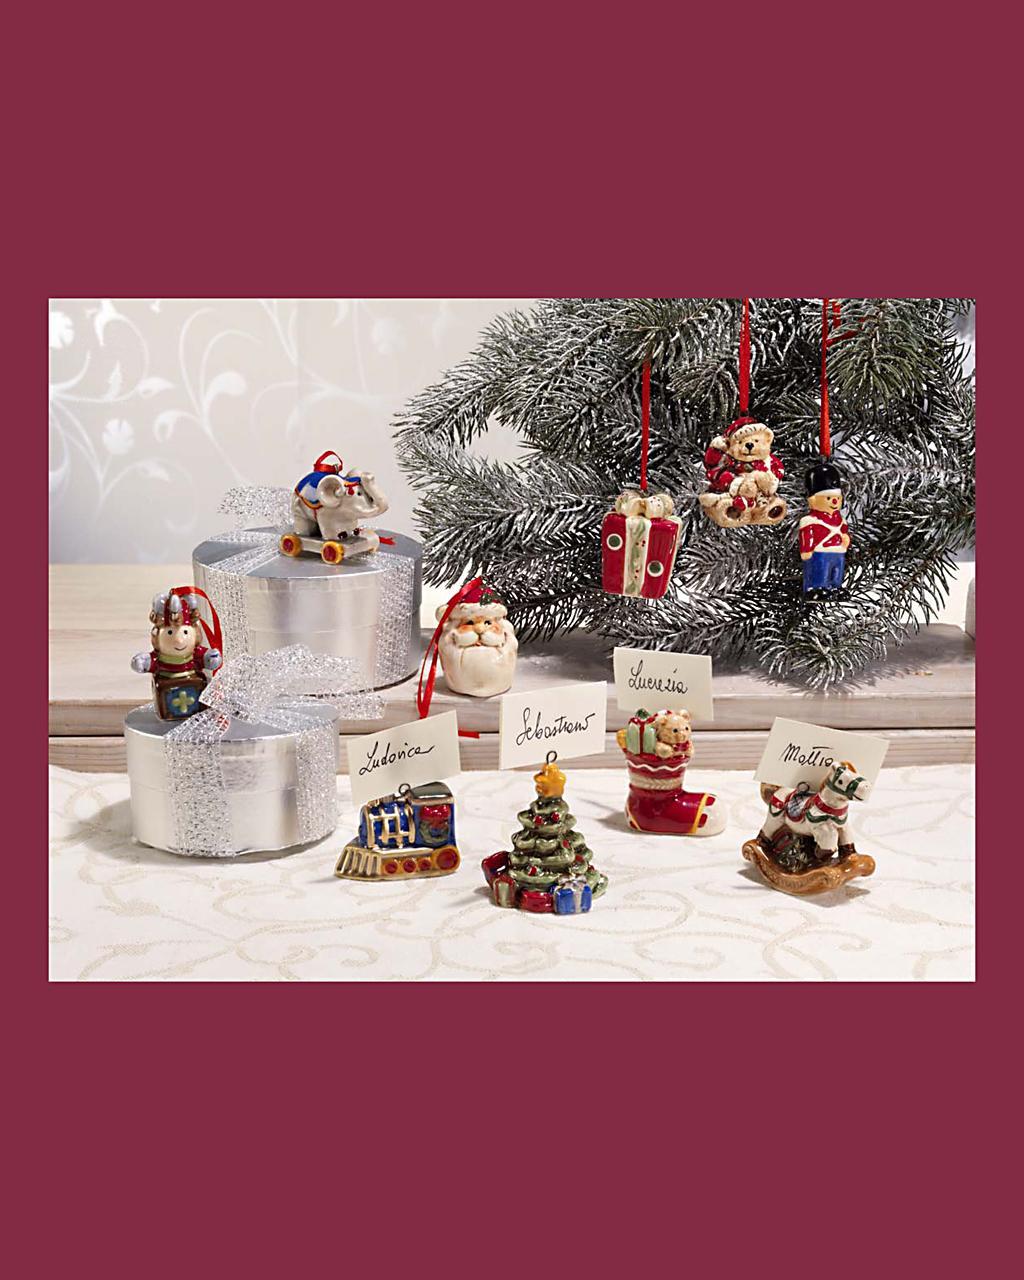 Διακοσμητικά χριστουγεννιάτικα στολίδια